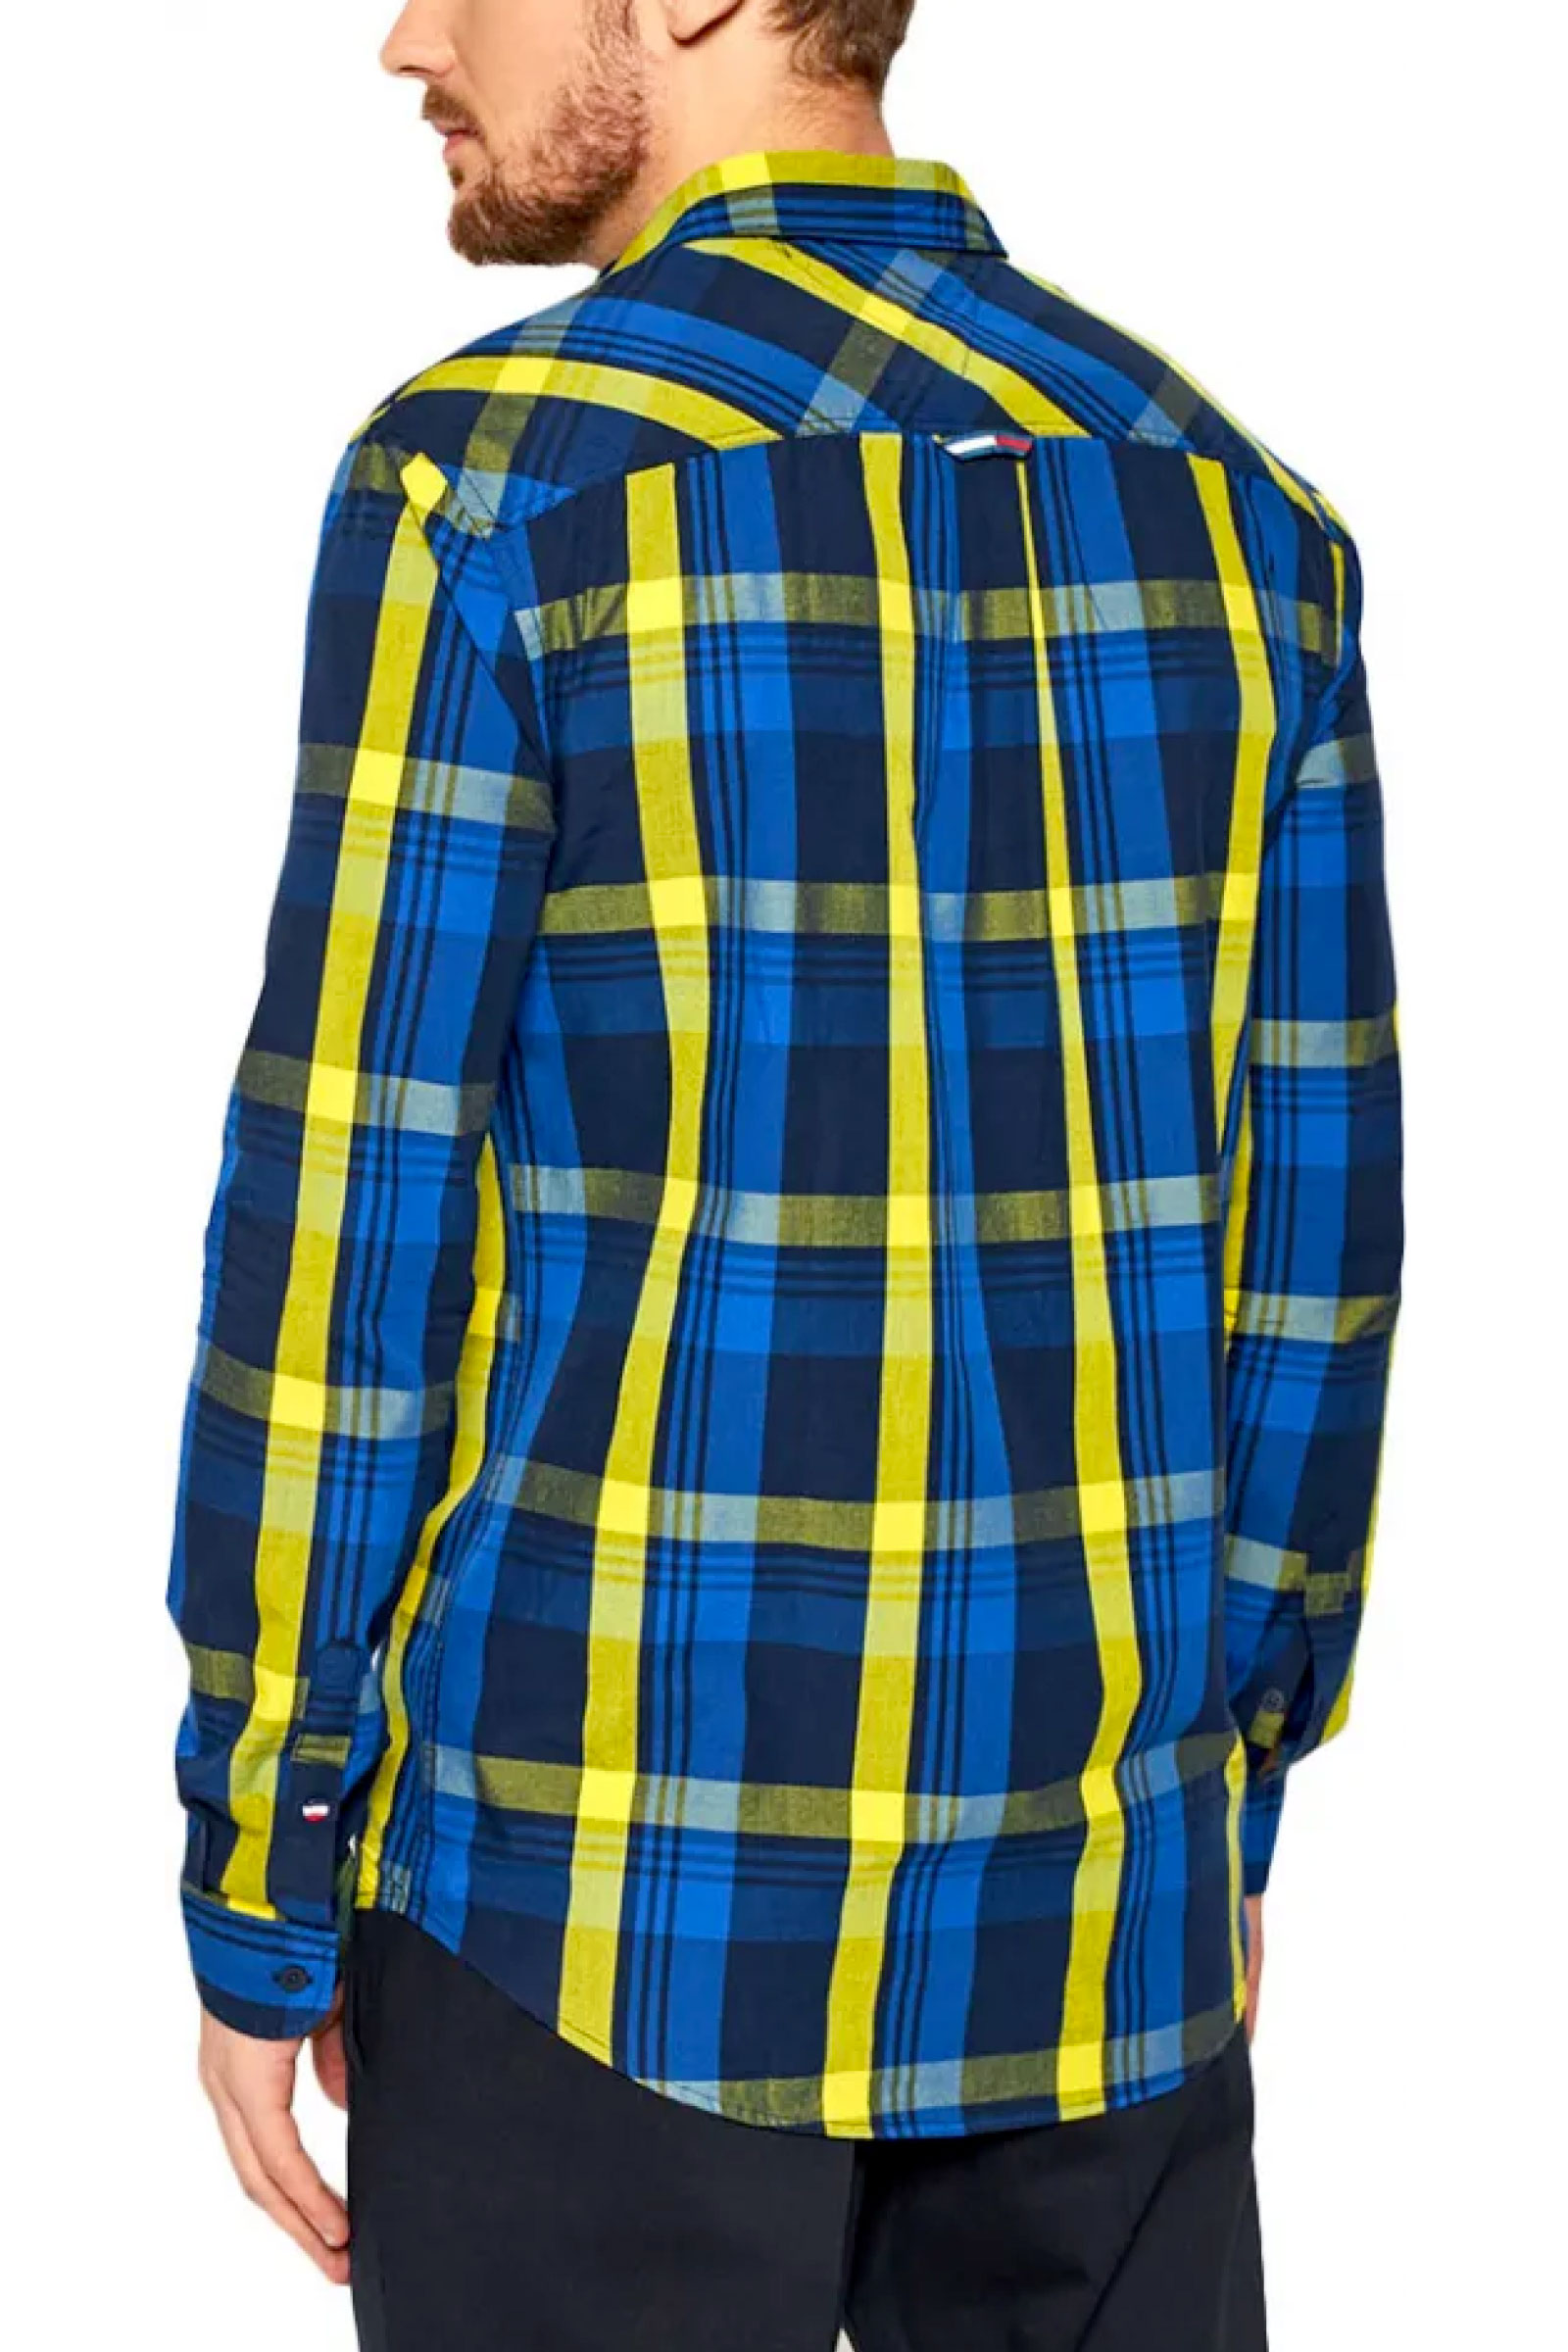 TOMMY JEANS Men's Shirt TOMMY JEANS | Shirt | DM0DM08785C63